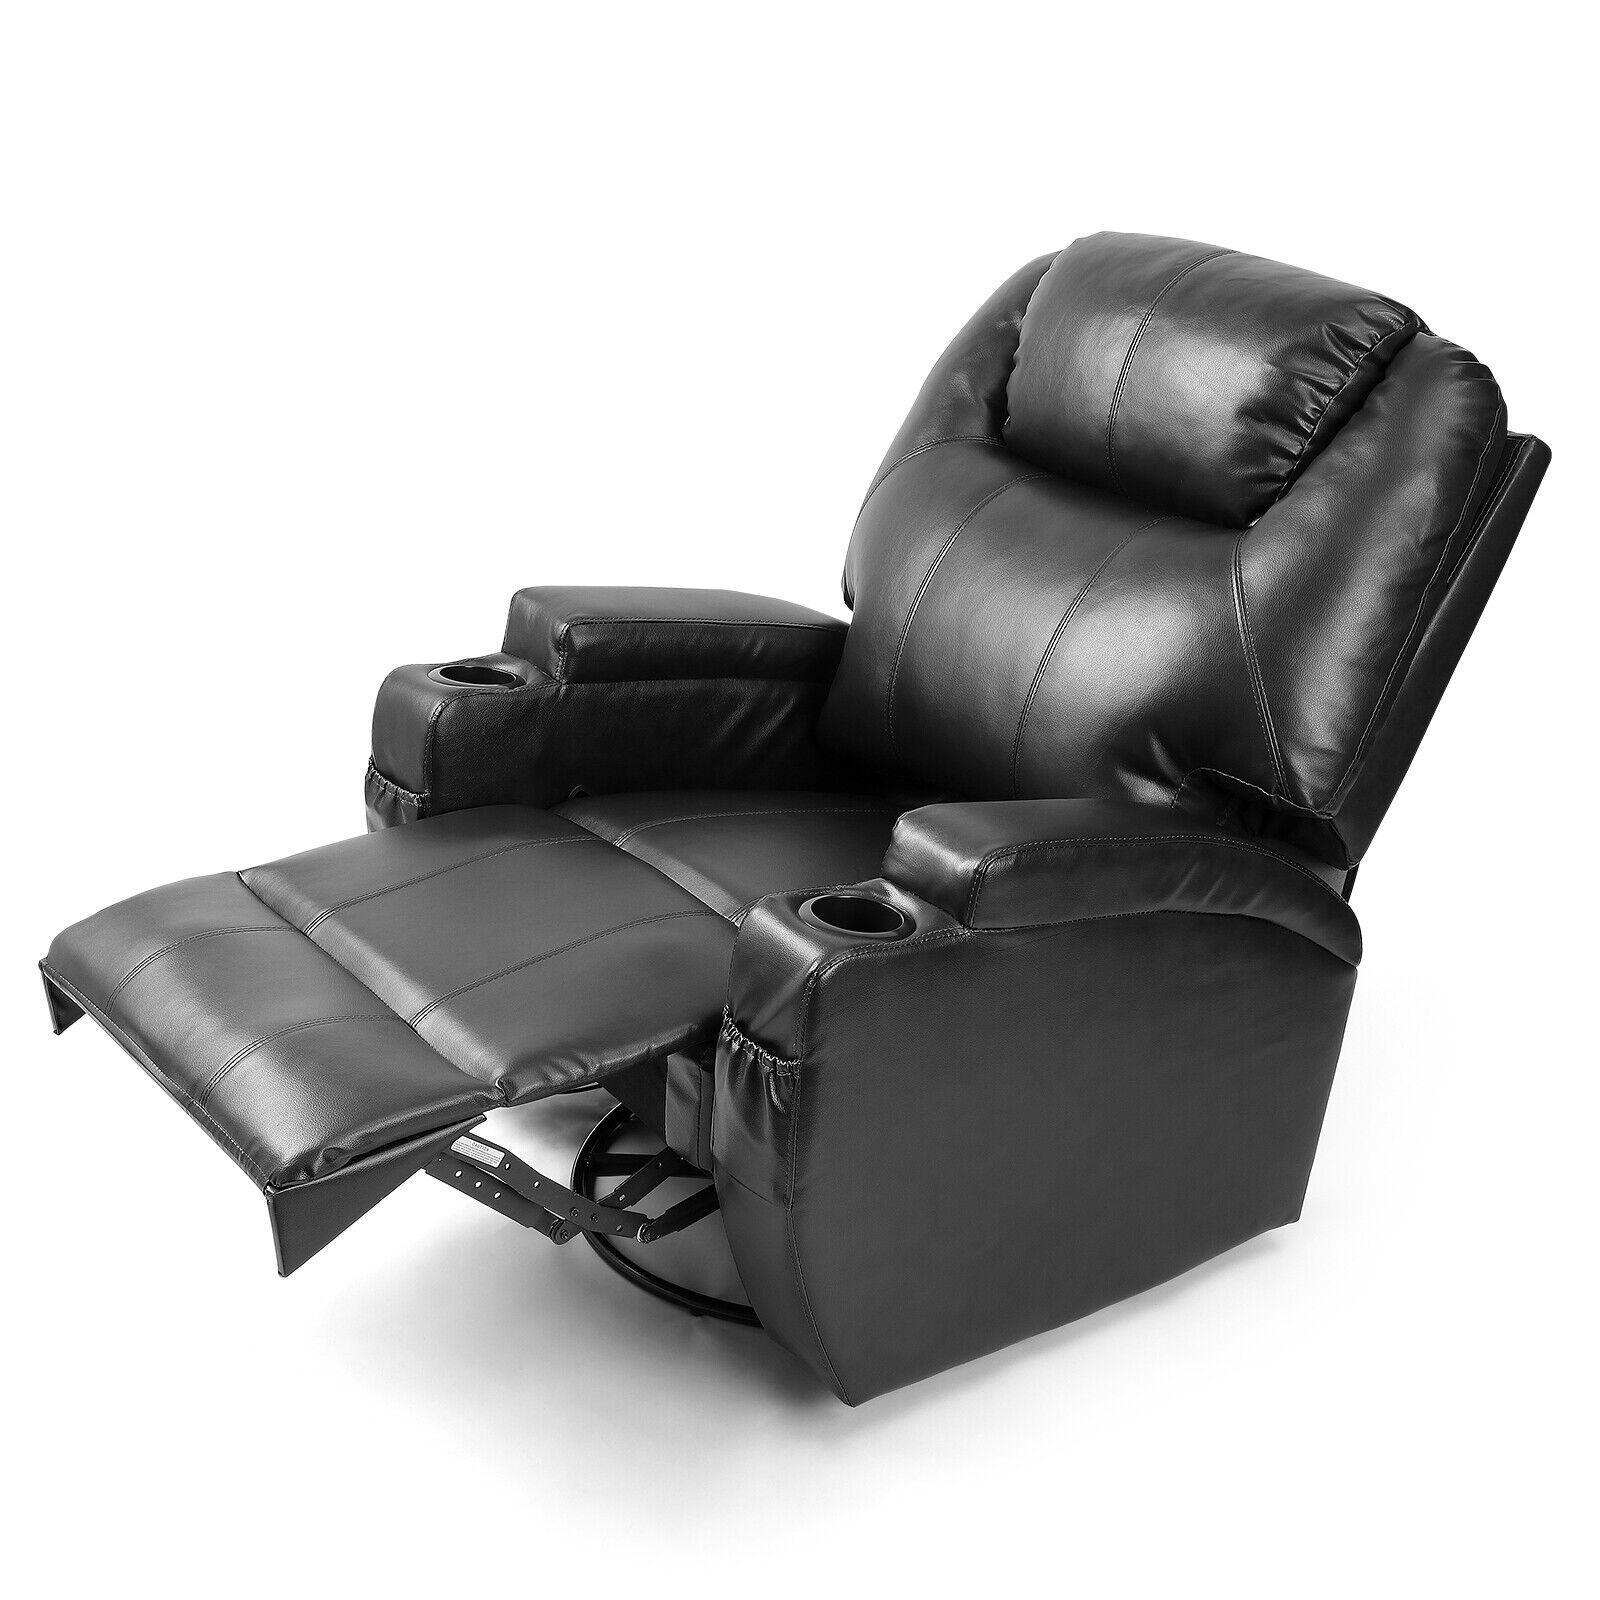 Astonishing Full Body Massage Recliner Chair Leather Vibrating Heat Lounge 3600 Swivel Black Short Links Chair Design For Home Short Linksinfo